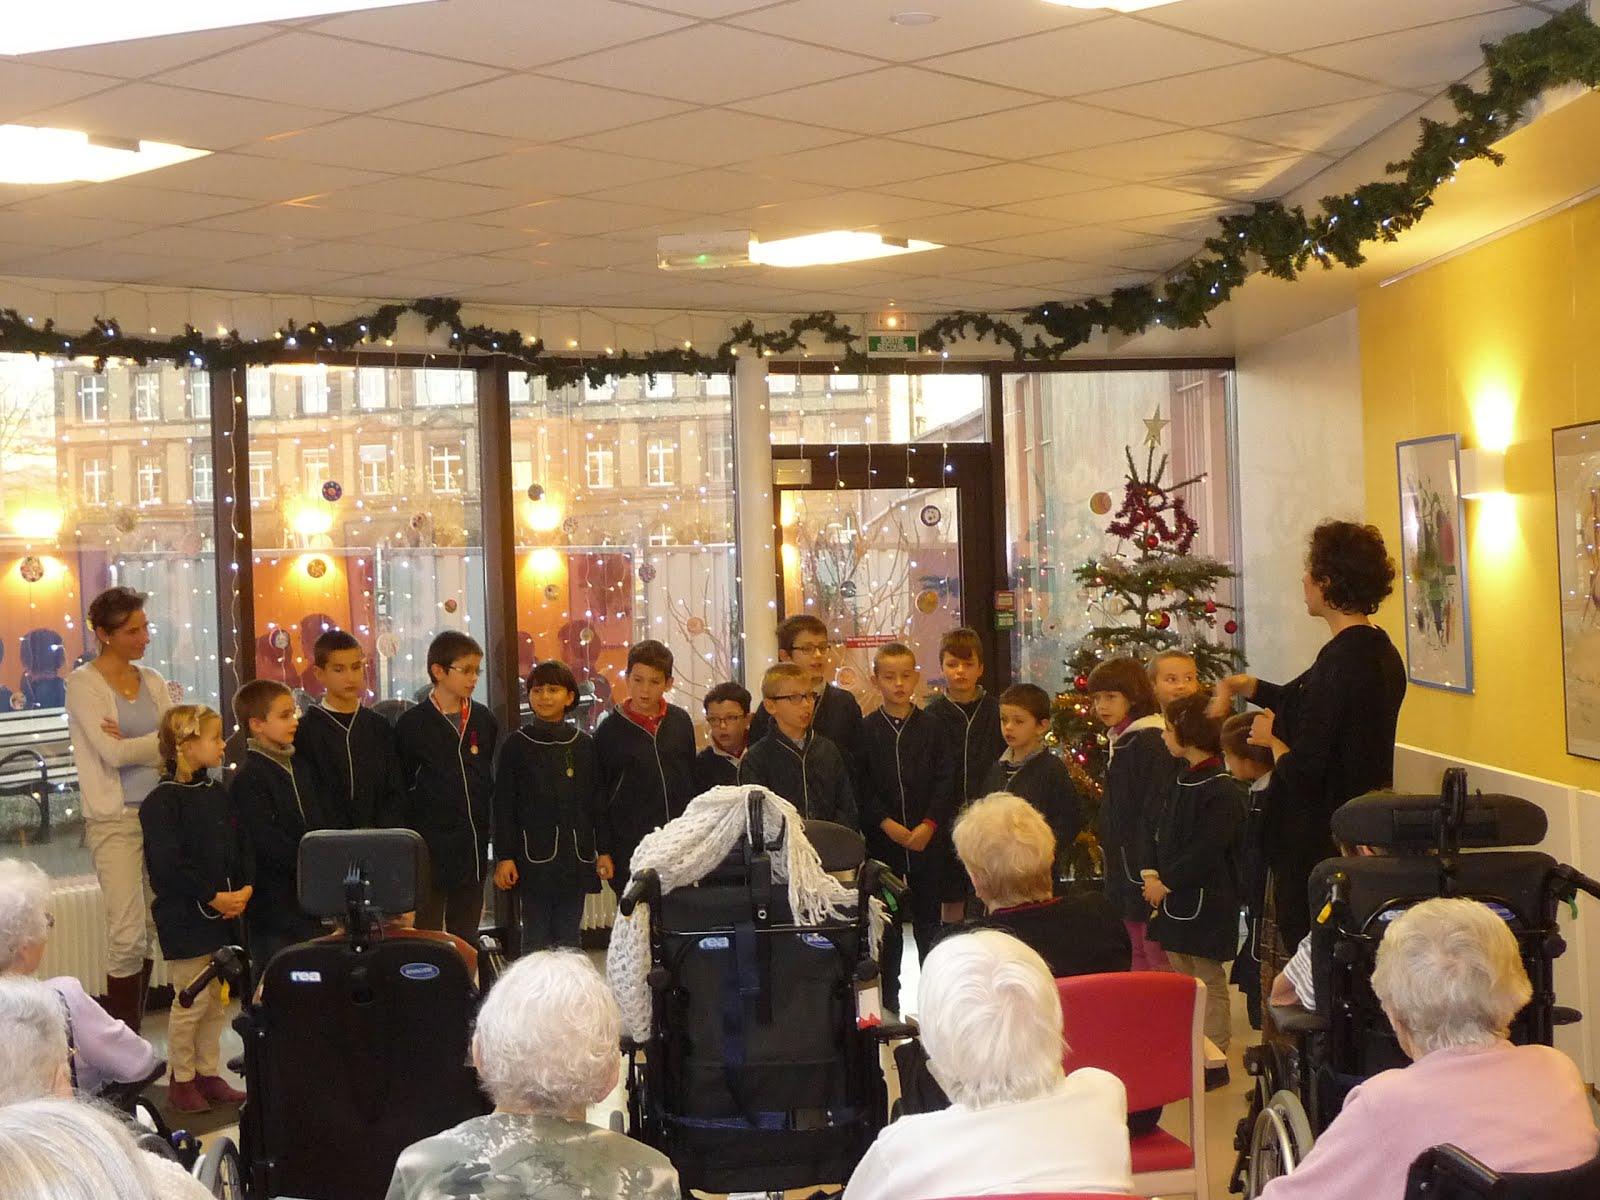 #B58D16 Cours HERRADE DE LANDSBERG: Spectacle De Noël à La Maison  5917 Décoration De Noel Maison De Retraite 1600x1200 px @ aertt.com